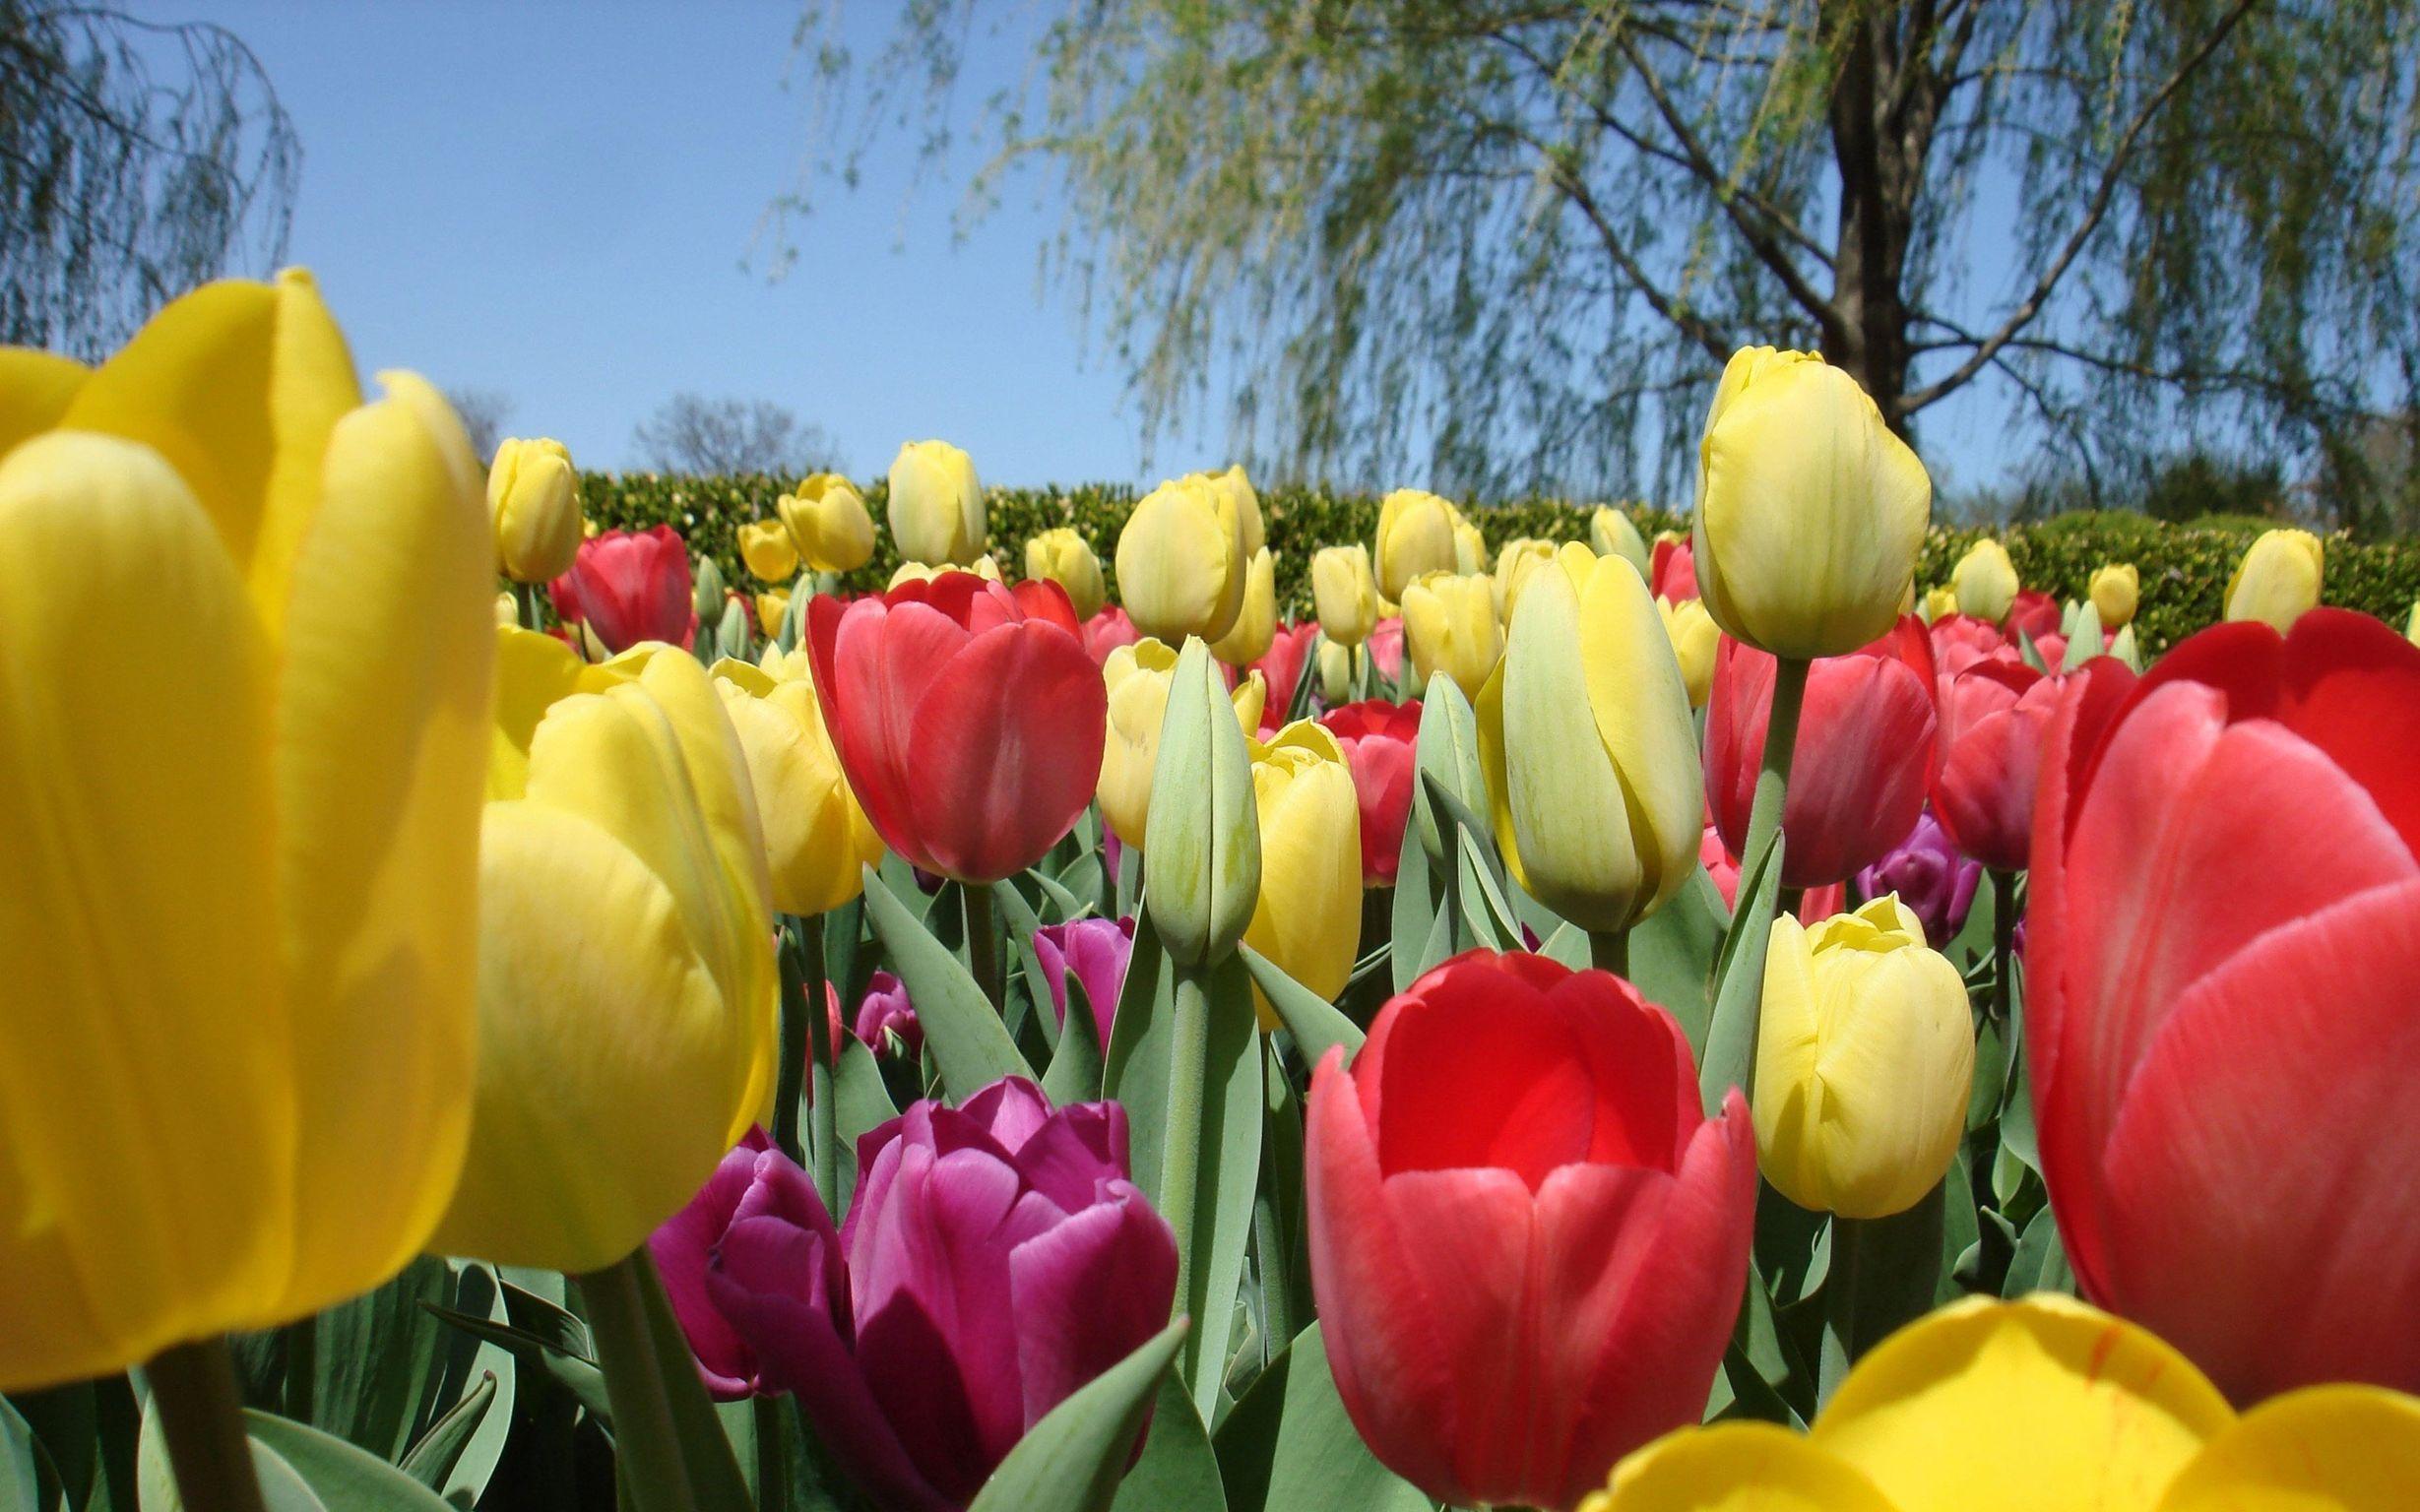 командой цска красивые картинки на рабочий стол весна тюльпаны скучаете